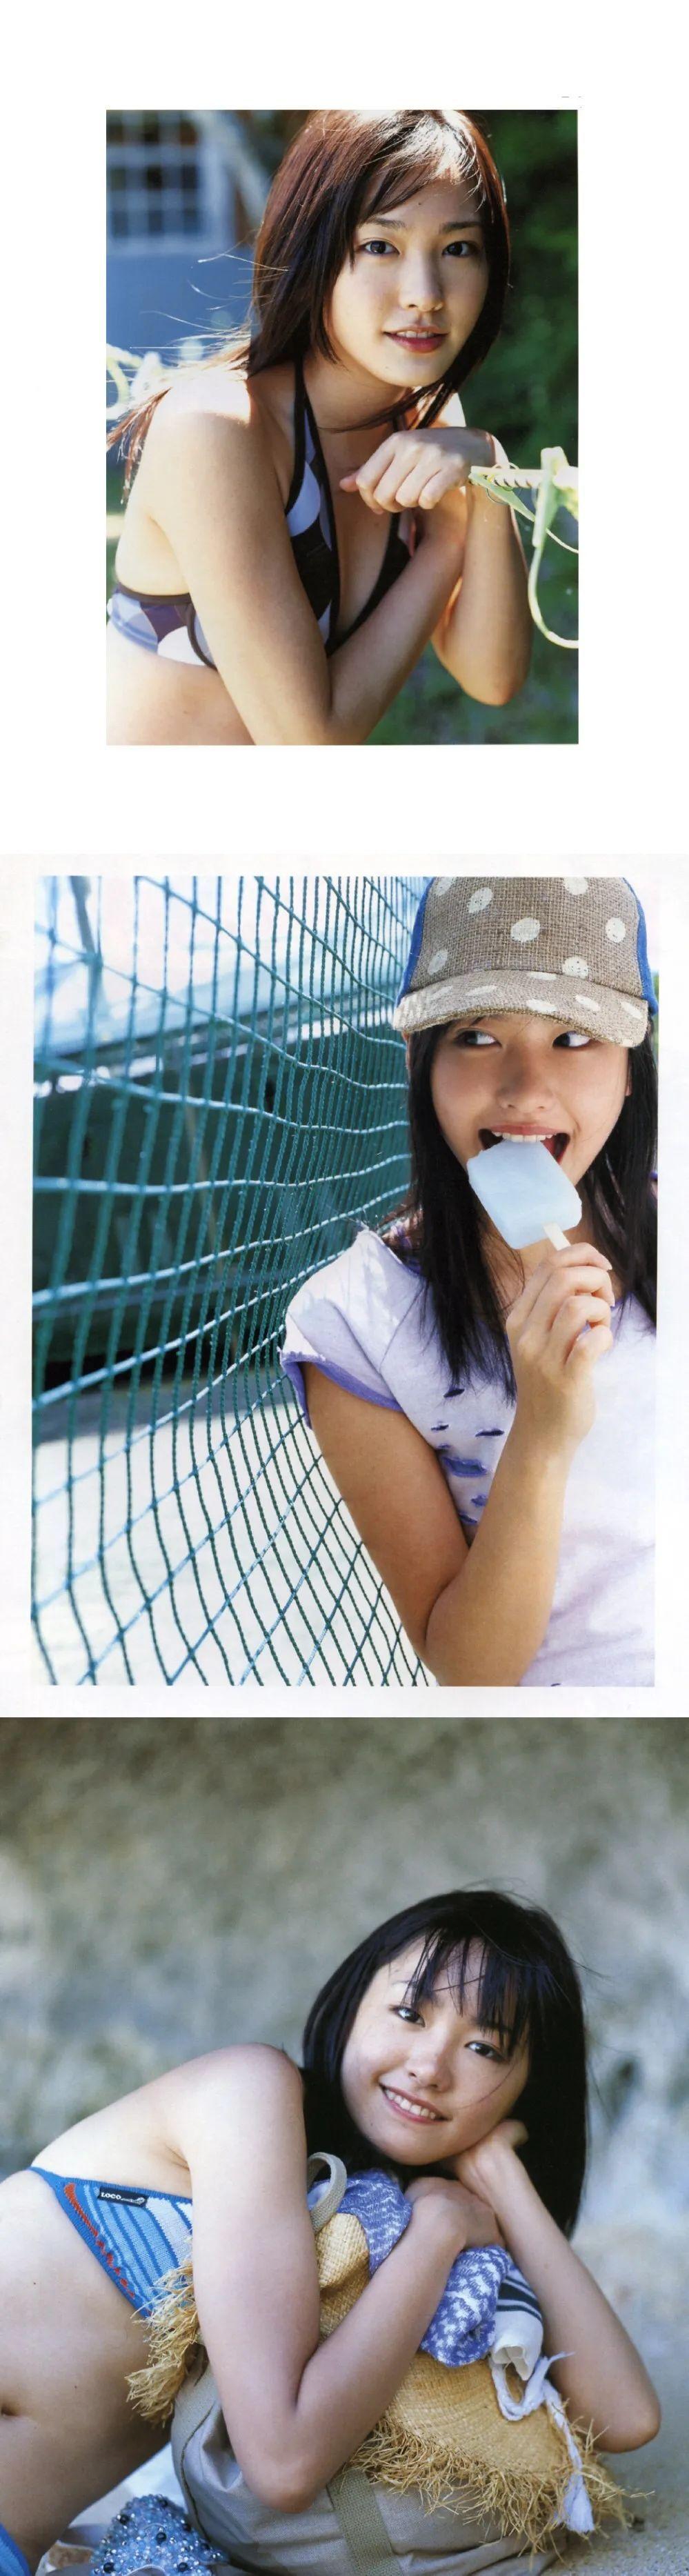 新垣结衣泳装写真集,《水漾青春17岁》_图片 No.10